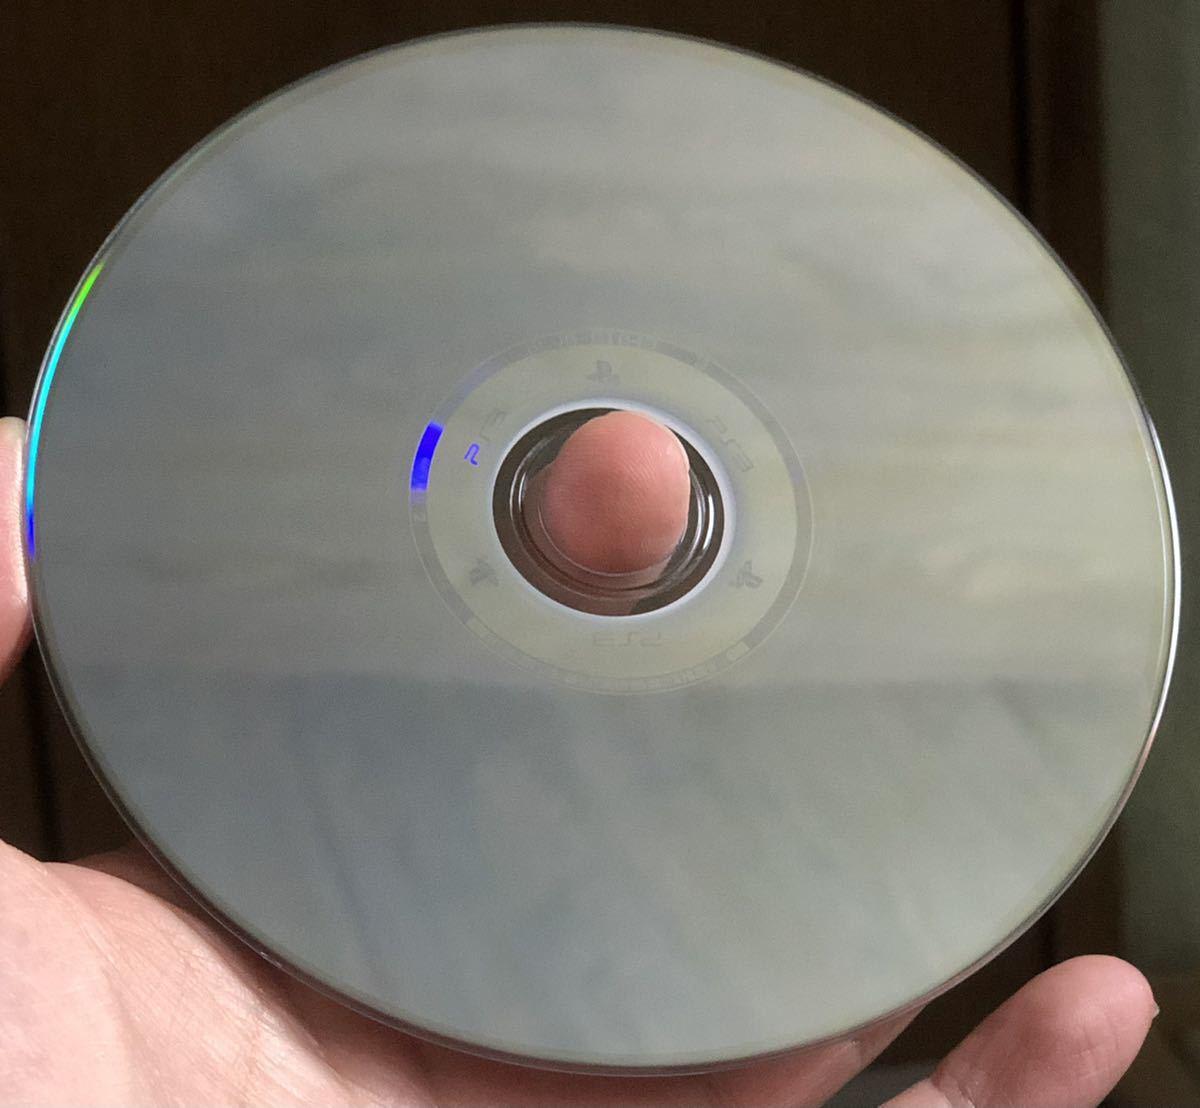 【動作確認画像有り】 PS3 ドラッグ オン ドラグーン3 DRAG ON DRAGOON 3 DOD3 プレイステーション3 プレステ3 ゲームソフト カセット